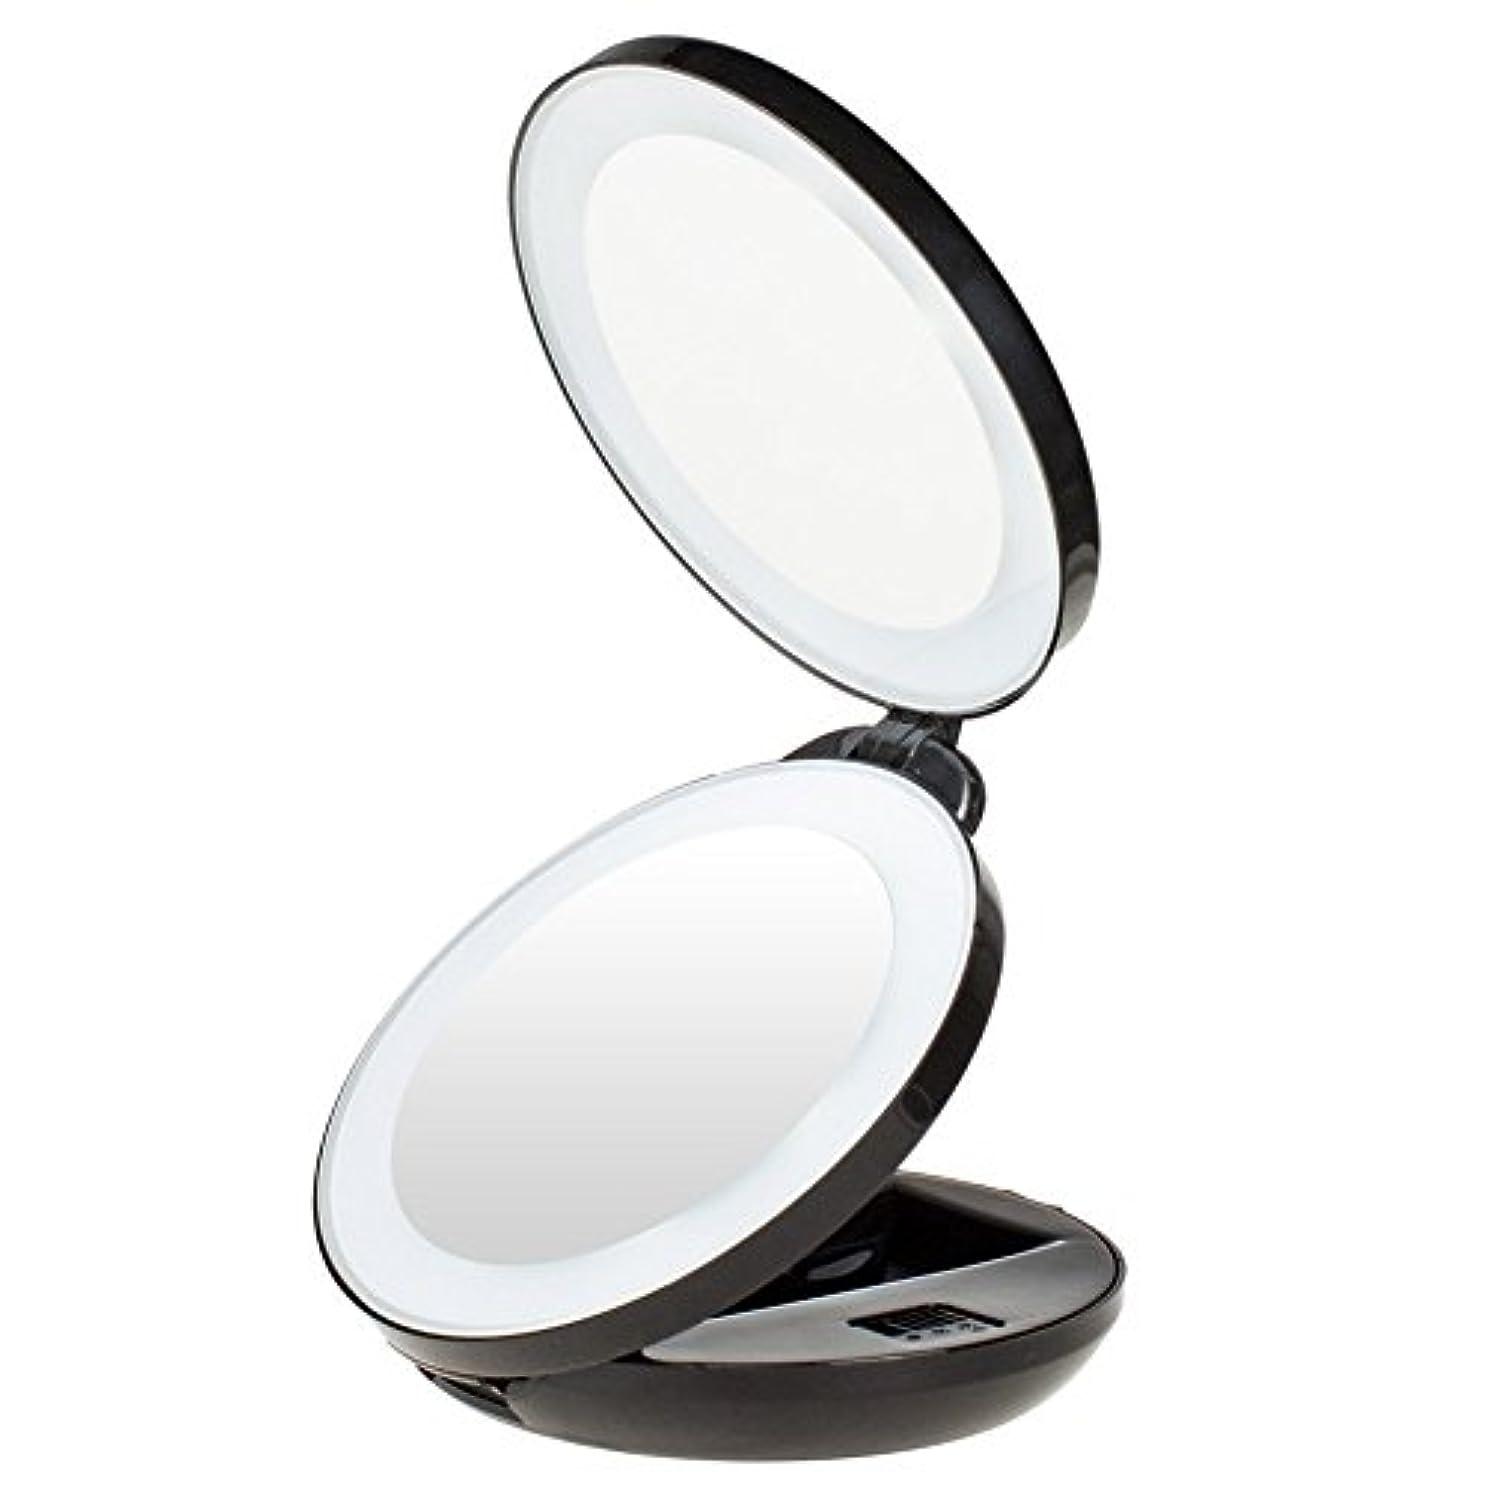 不確実鮮やかな大臣KEDSUM 手鏡 両面化粧鏡 コンパクトミラー LED化粧鏡 等倍鏡+10倍拡大鏡 LEDミラー 角度調整 折り畳み 丸型 おしゃれ ハンド 携帯ミラー 旅行ミラー 女優ミラー